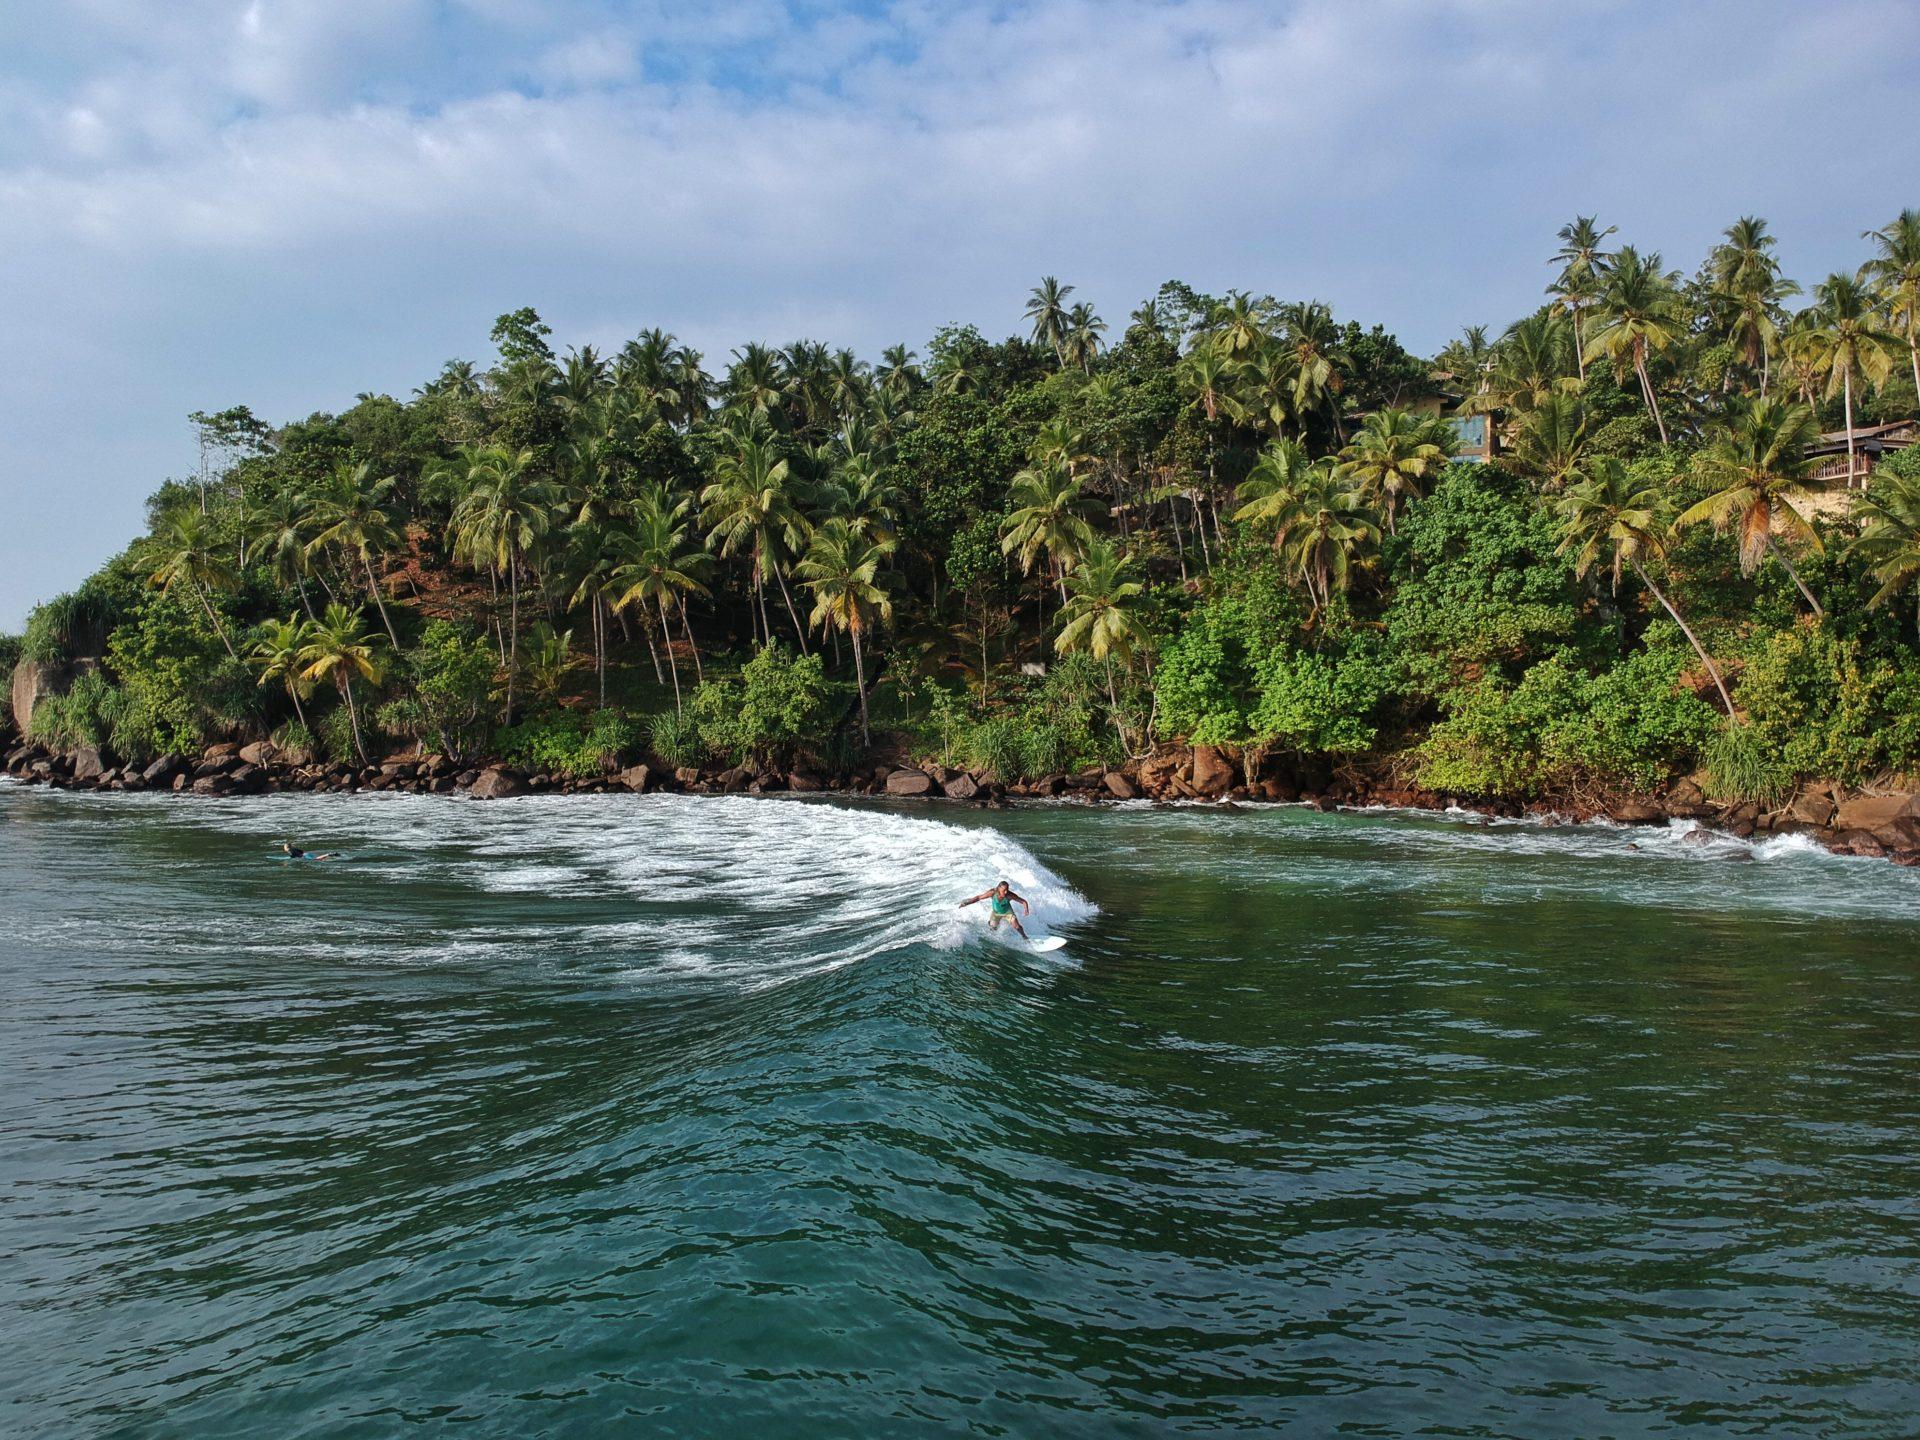 Surfvakantie Sri Lanka: surfen in de tropen!